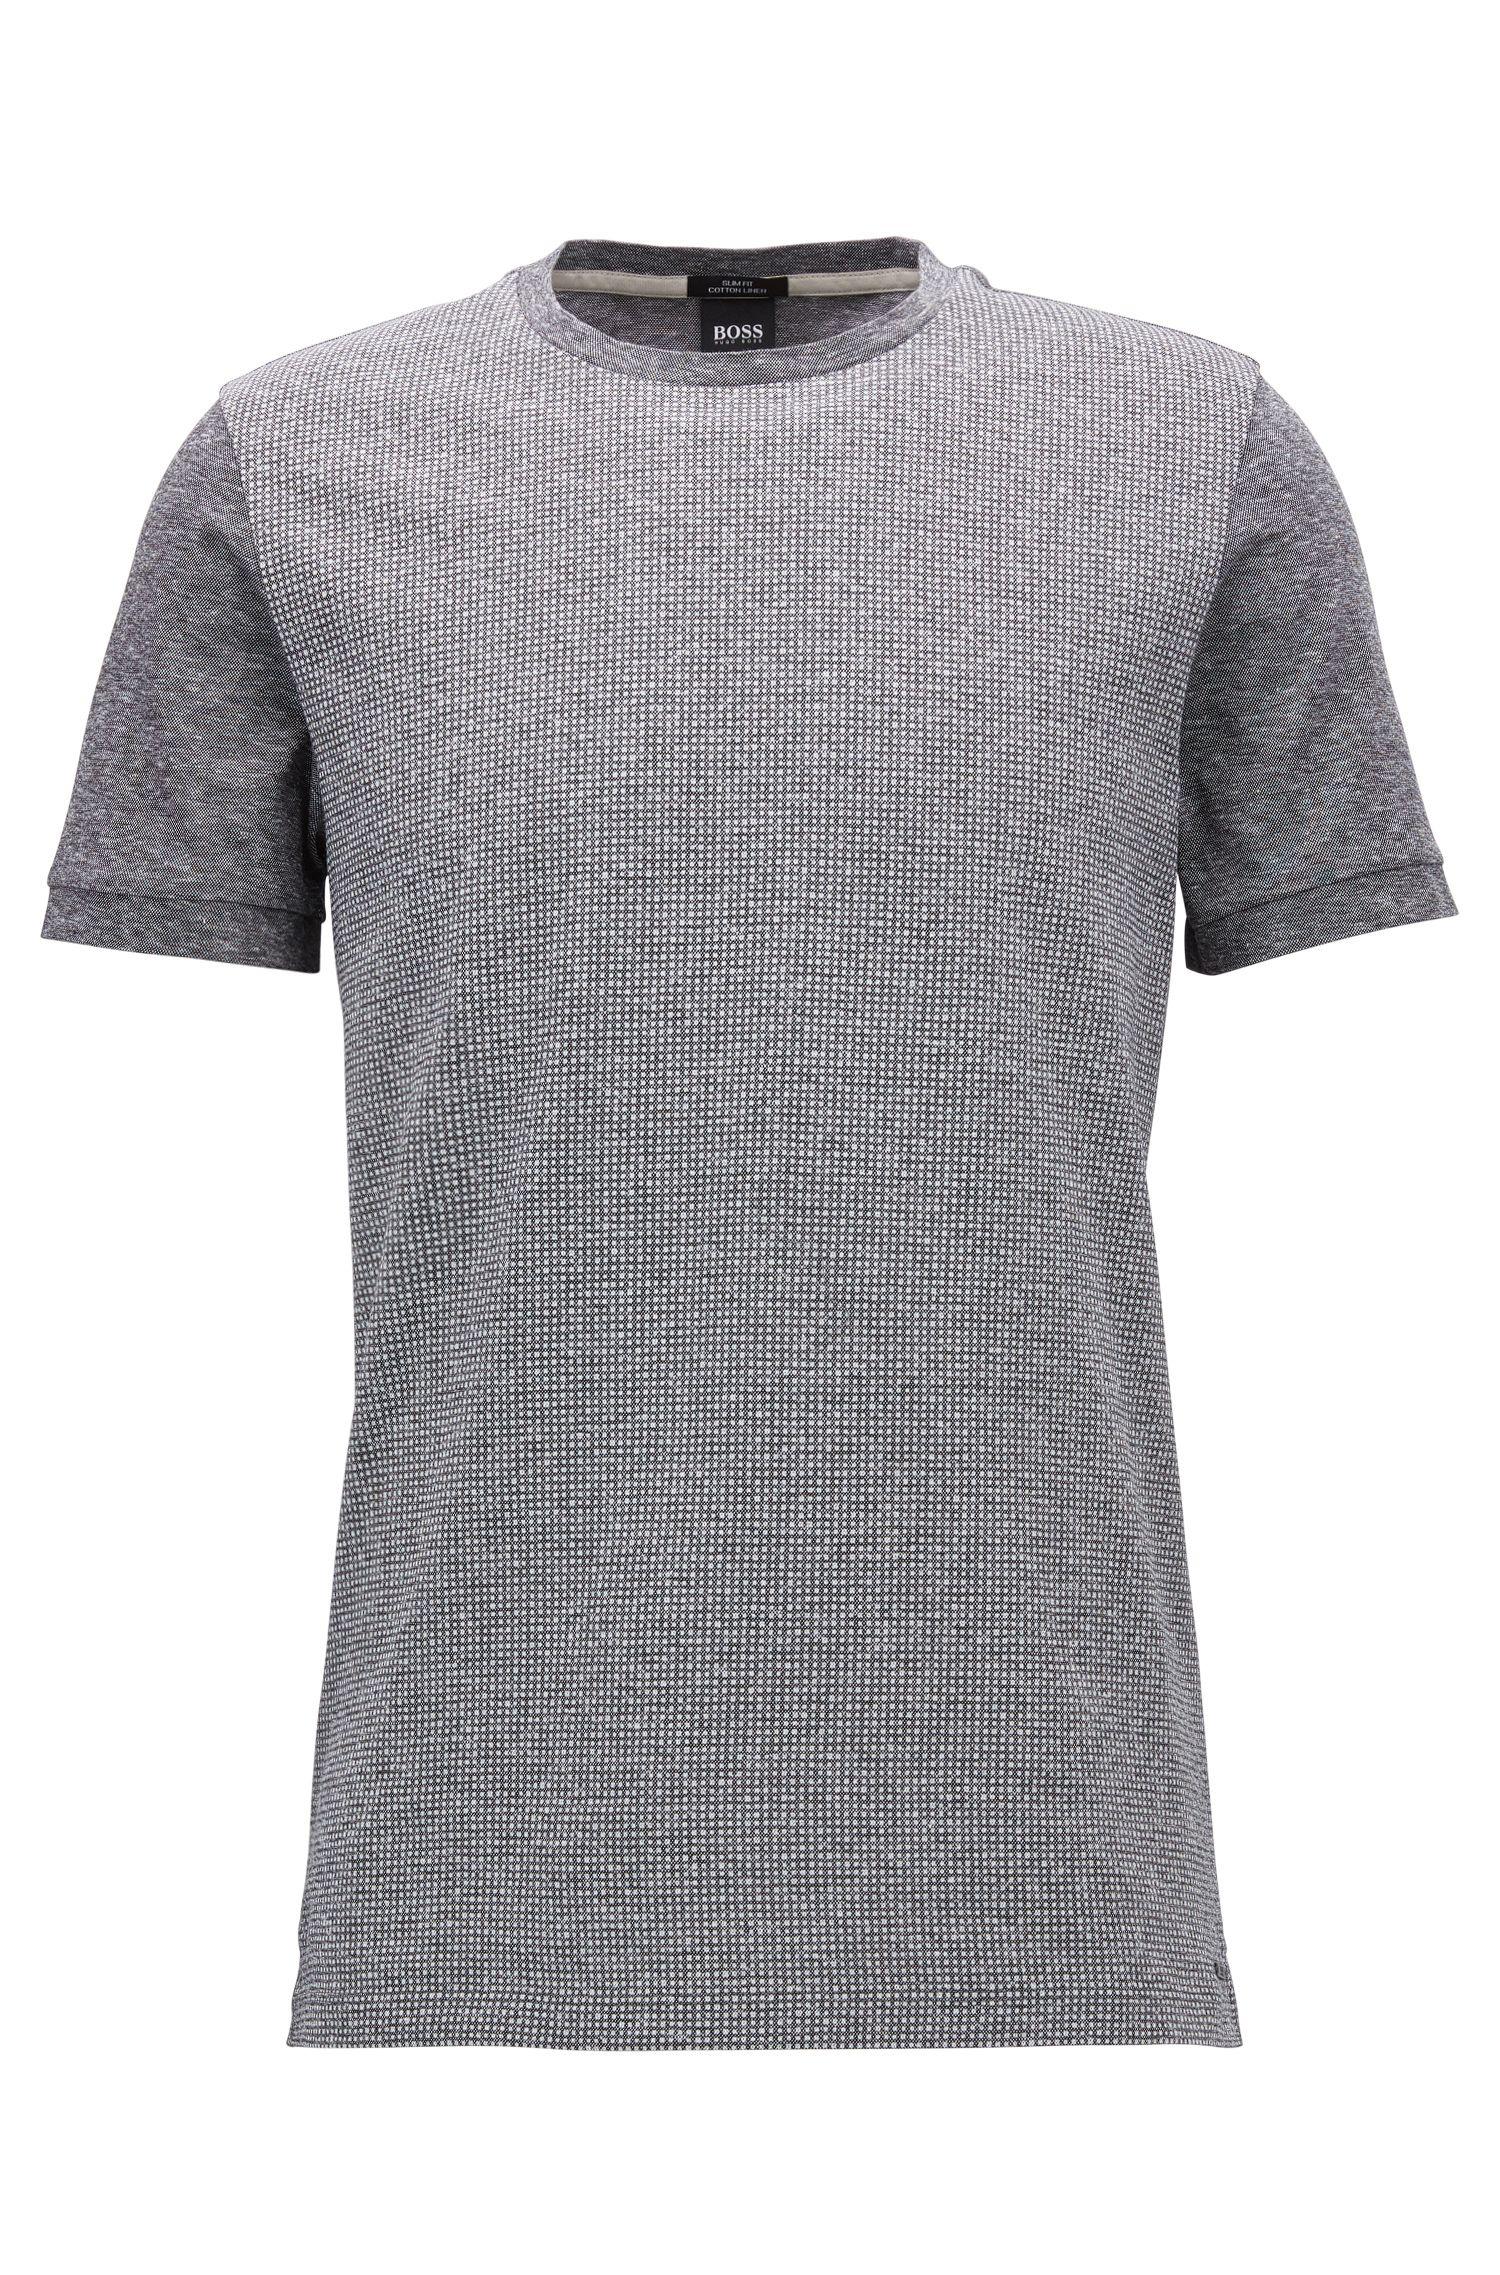 Cotton Linen T-Shirt | Tessler